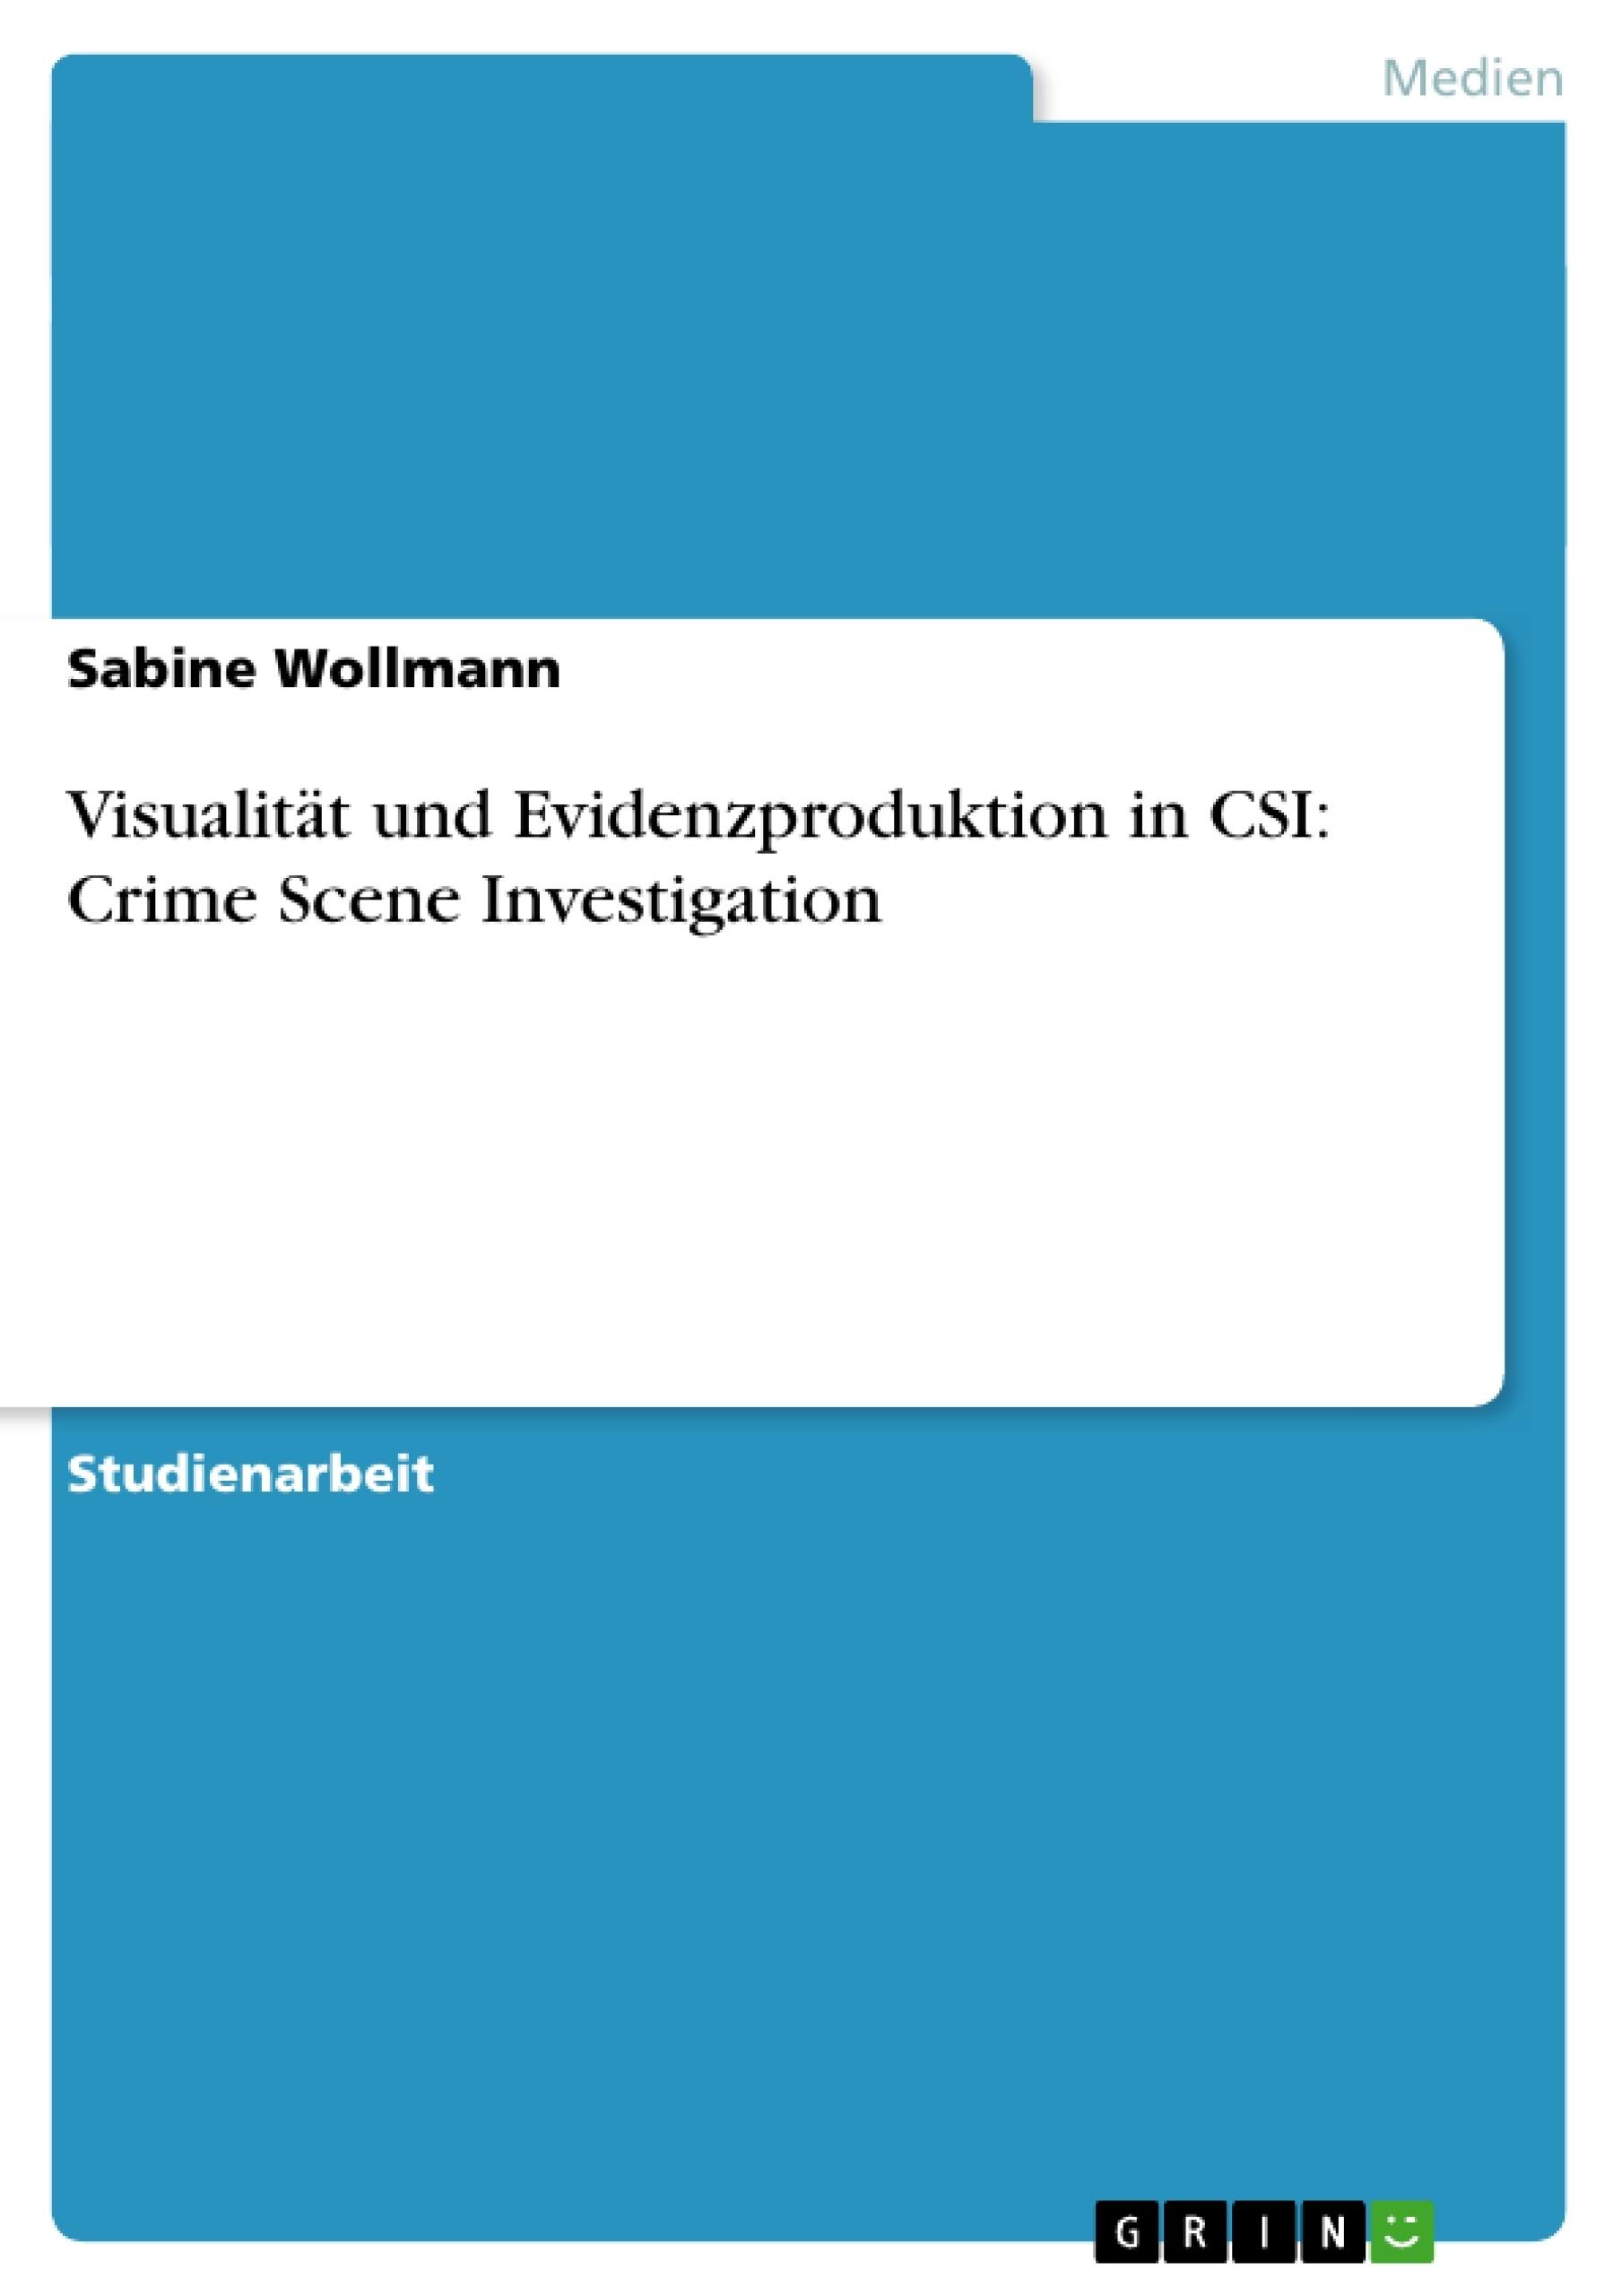 Titel: Visualität und Evidenzproduktion in CSI: Crime Scene Investigation